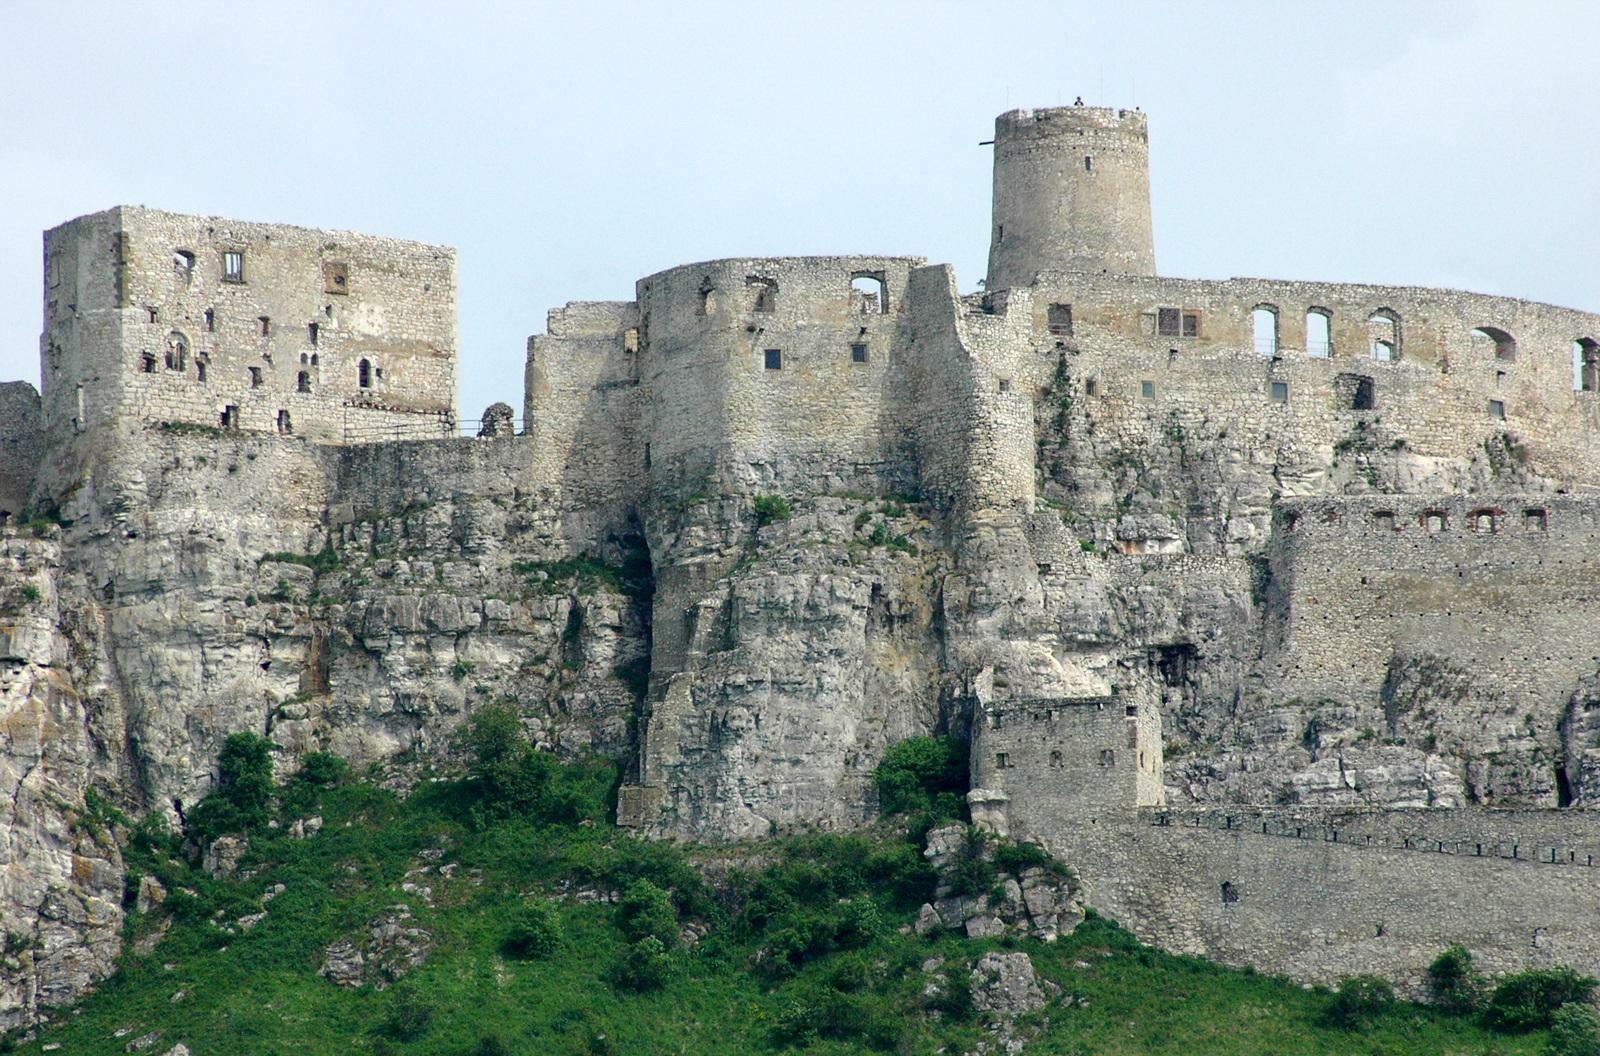 Zamek Spiski, Słowacja Jeden z największych zamków w Europie, zajmuje powierzchnię około 4 hektarów. Po wielkim pożarze z XVIII wieku stał opuszczony. Obecnie jest jedną z najpopularniejszych atrakcji turystycznych kraju.